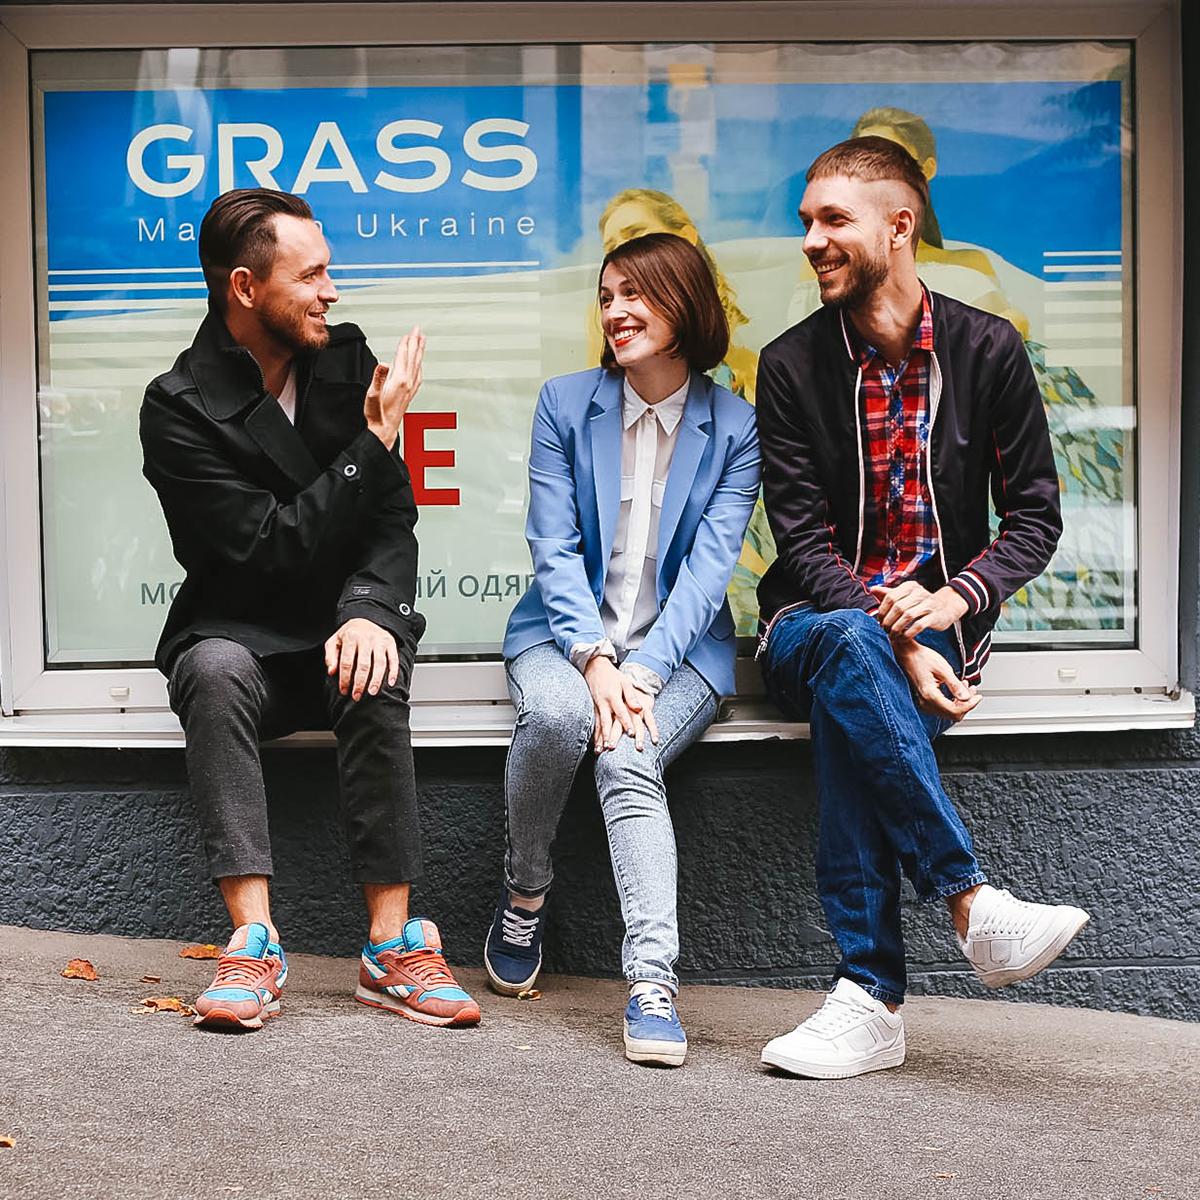 Тарас Волков, Ксения Константинова и Александр Колибабчук, основатели фешн-бренда GRASS